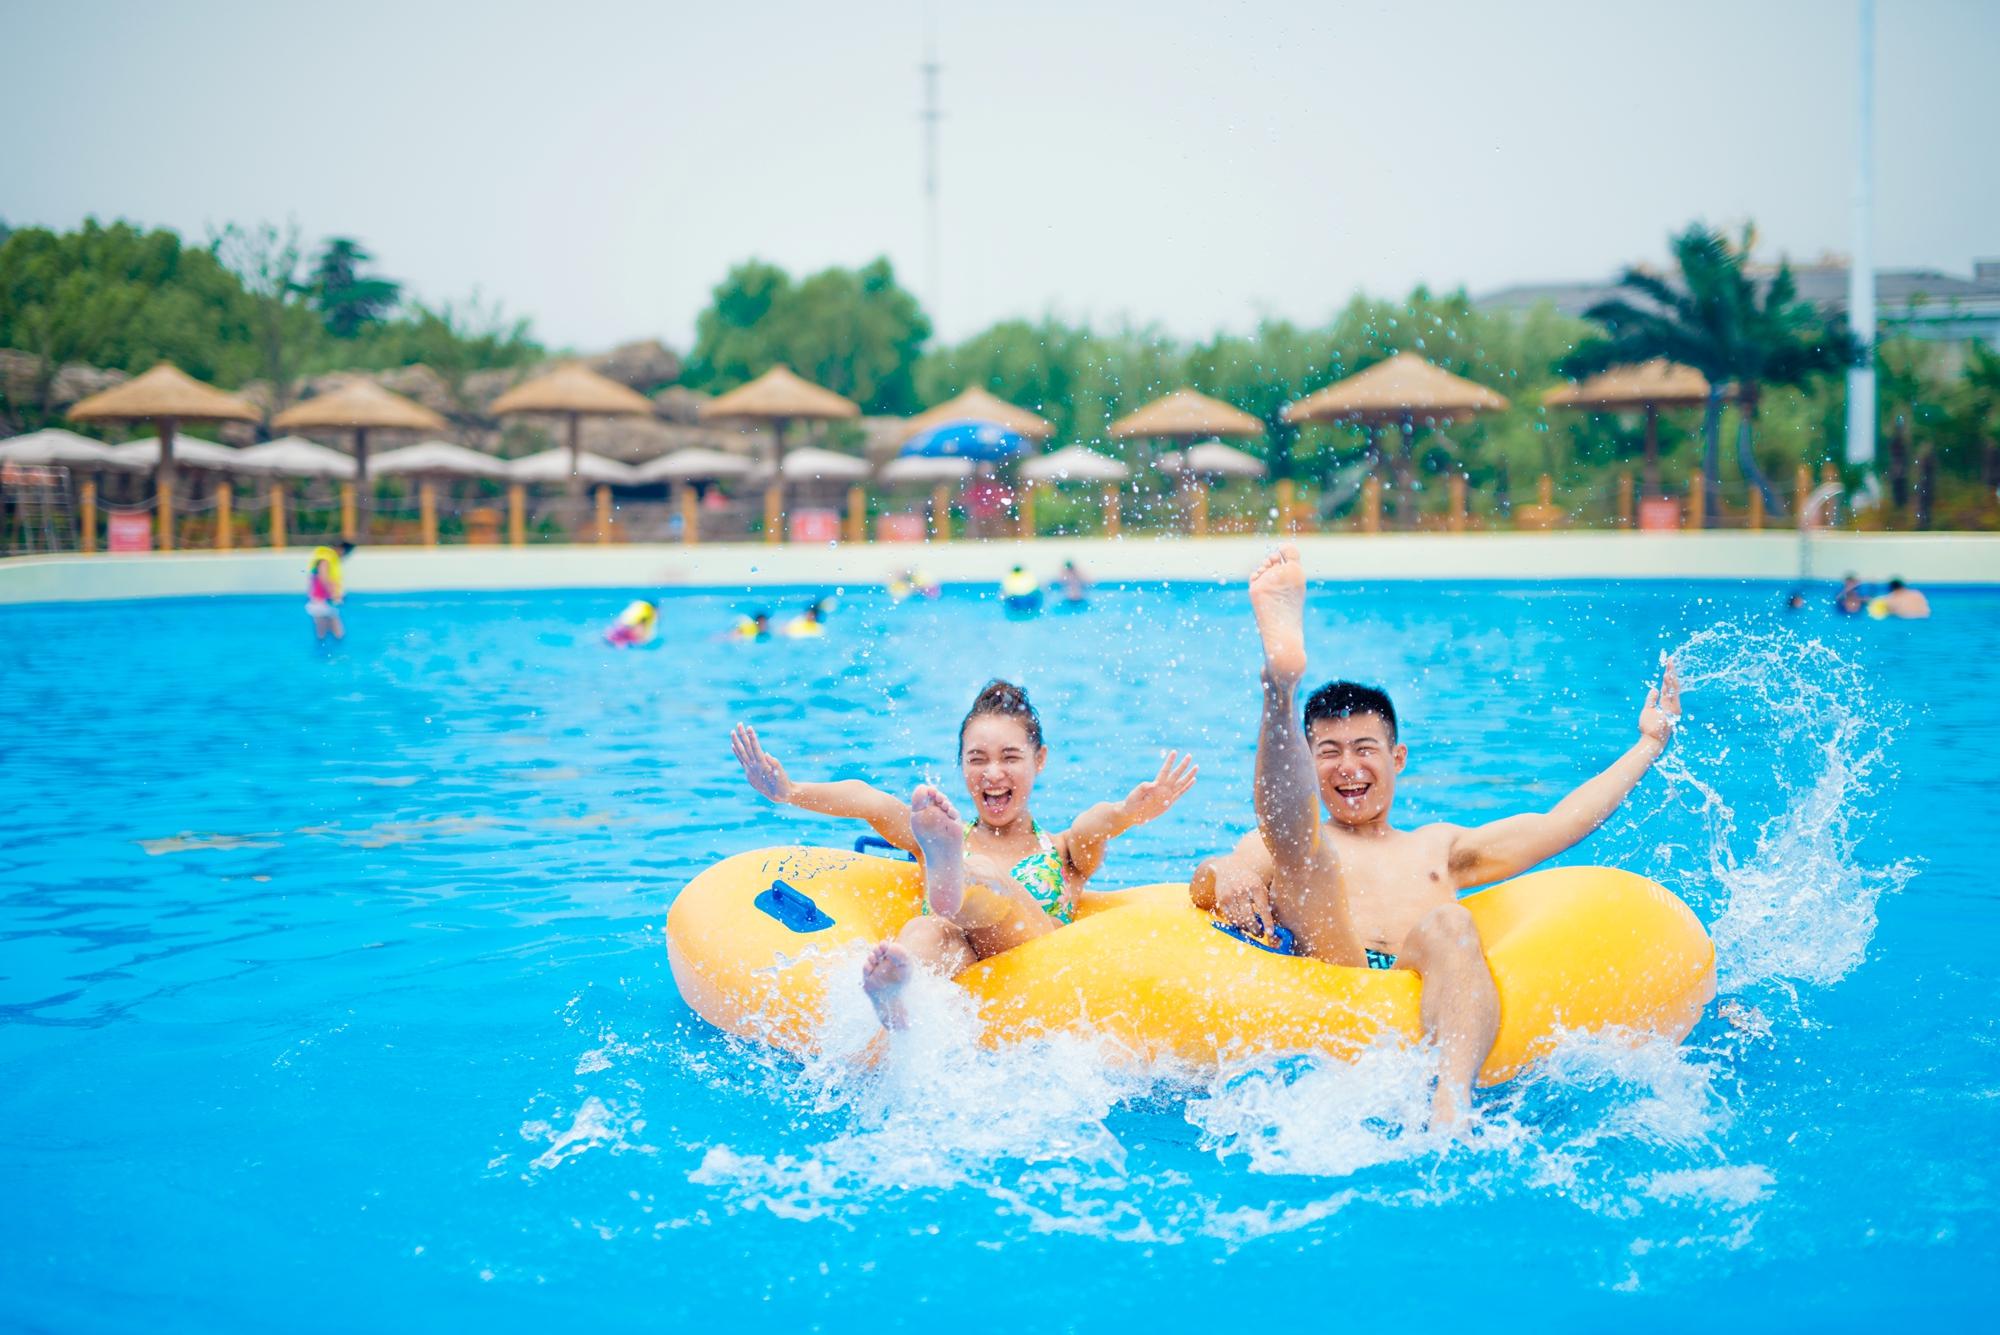 天目湖水世界天目湖水世界一亚洲顶级原生态环境